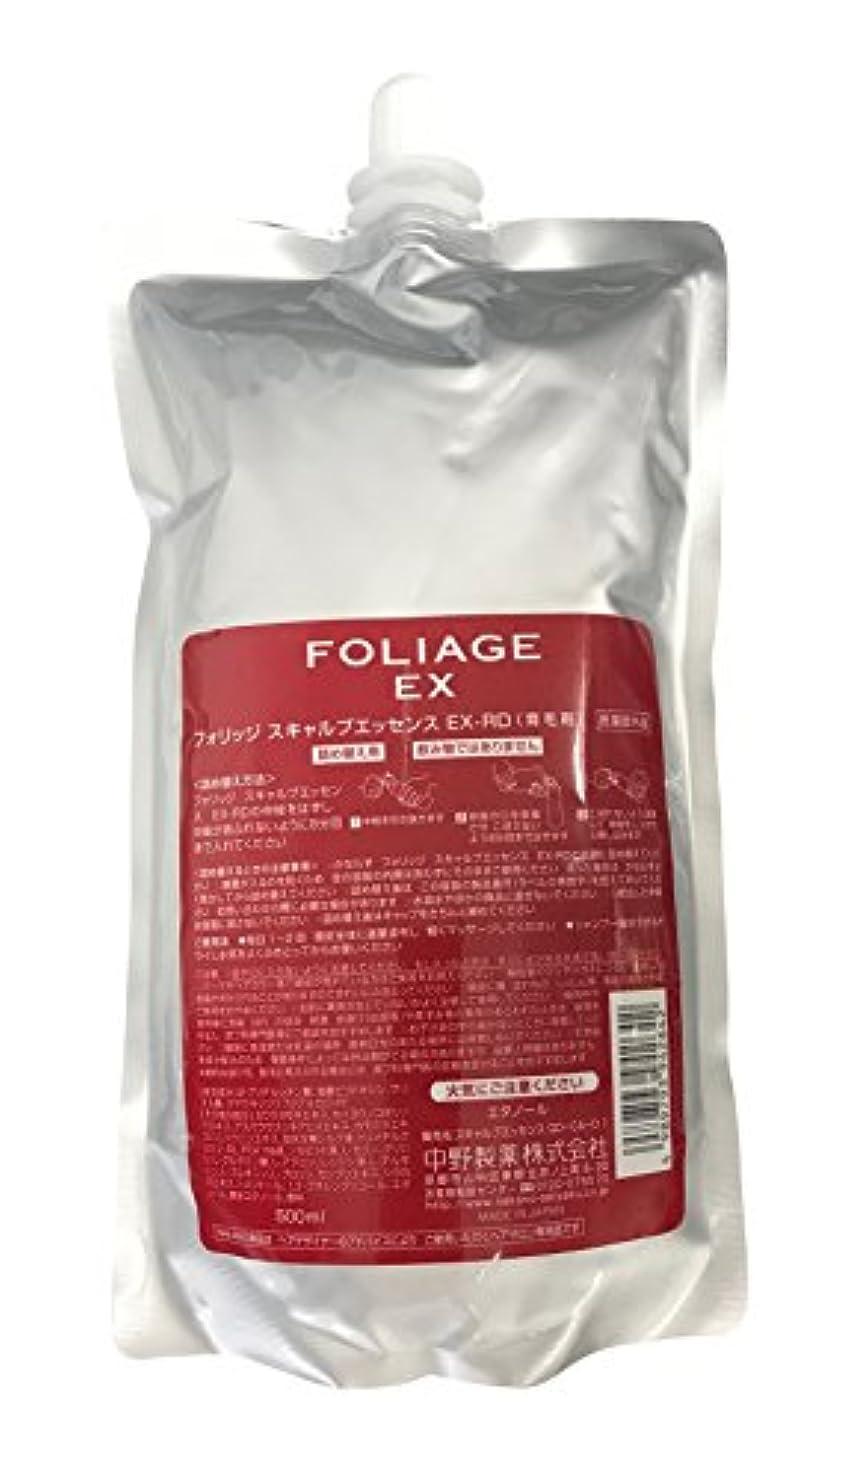 ポルノ愛撫落胆する中野製薬 フォリッジ スキャルプエッセンス EX-RD 500ml [医薬部外品]